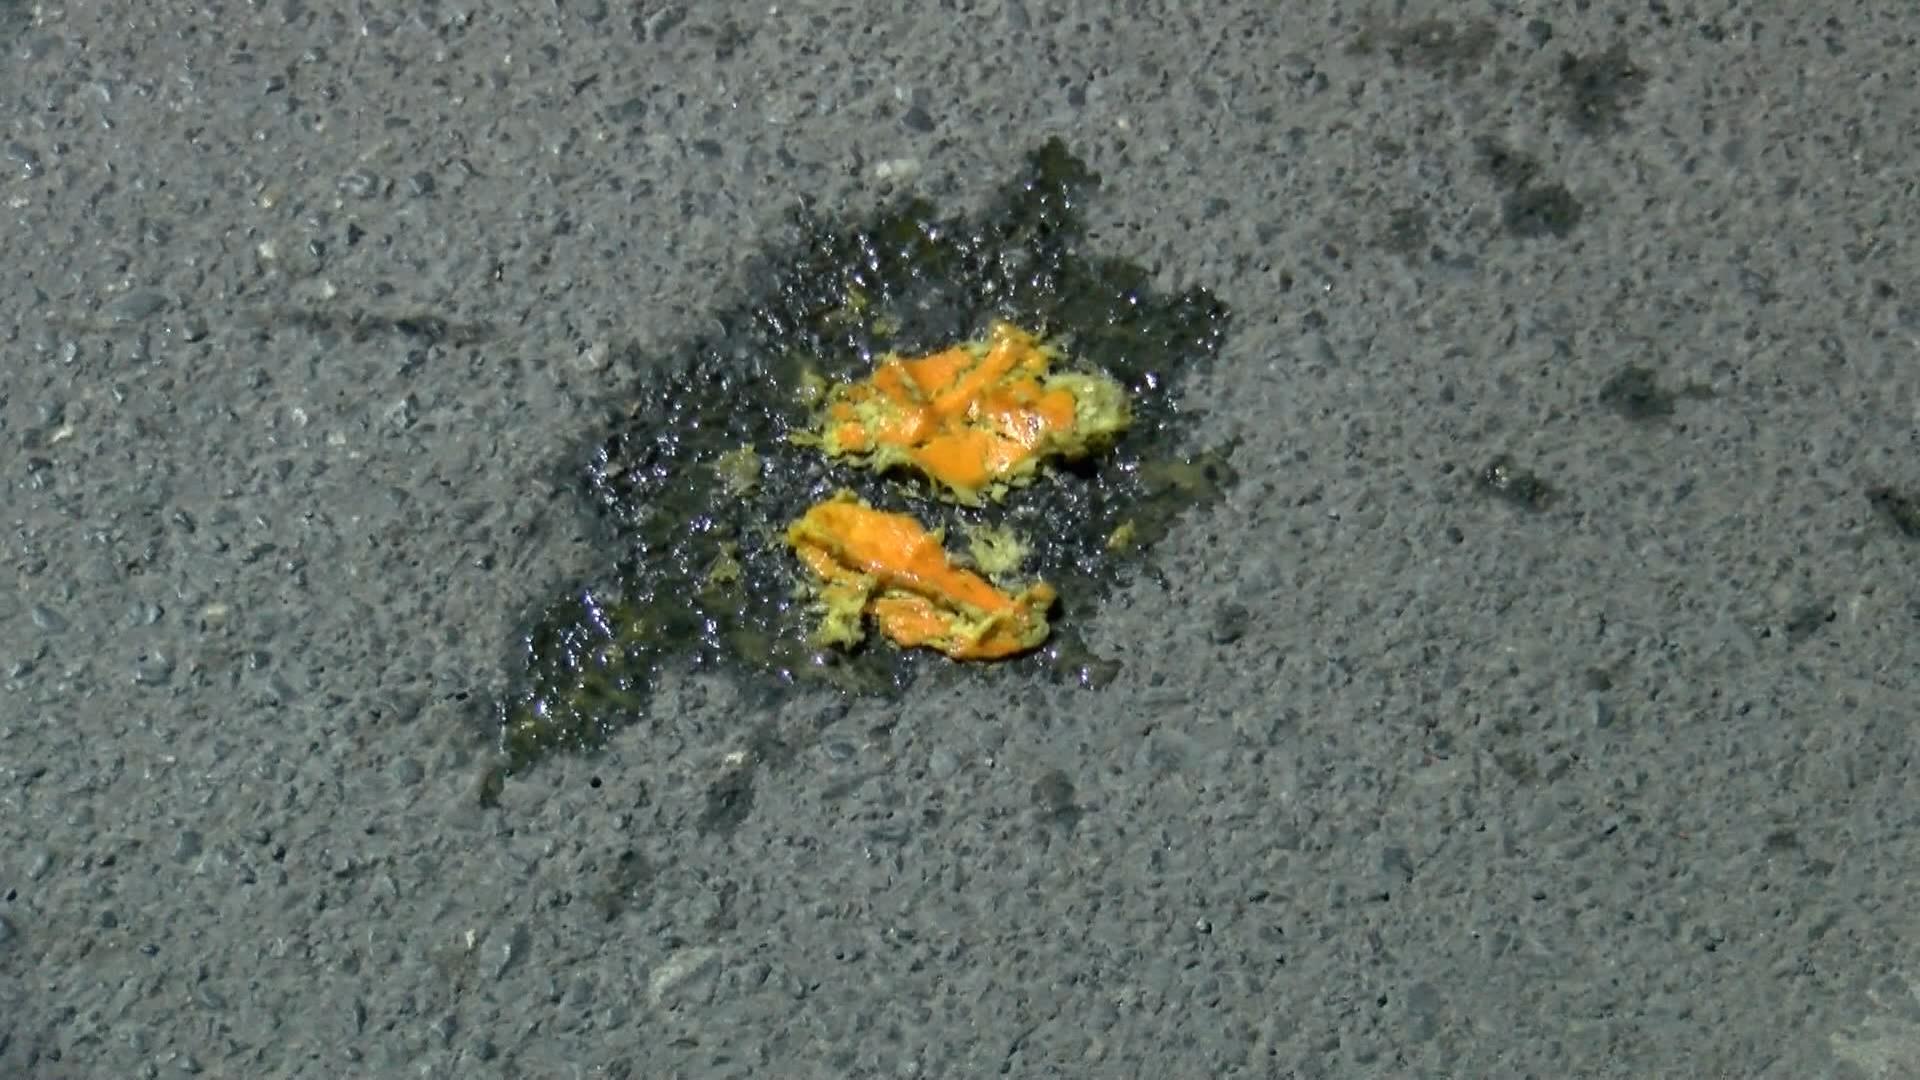 'Portakal' şakası pahalıya patladı: Bir kişi yaralandı!